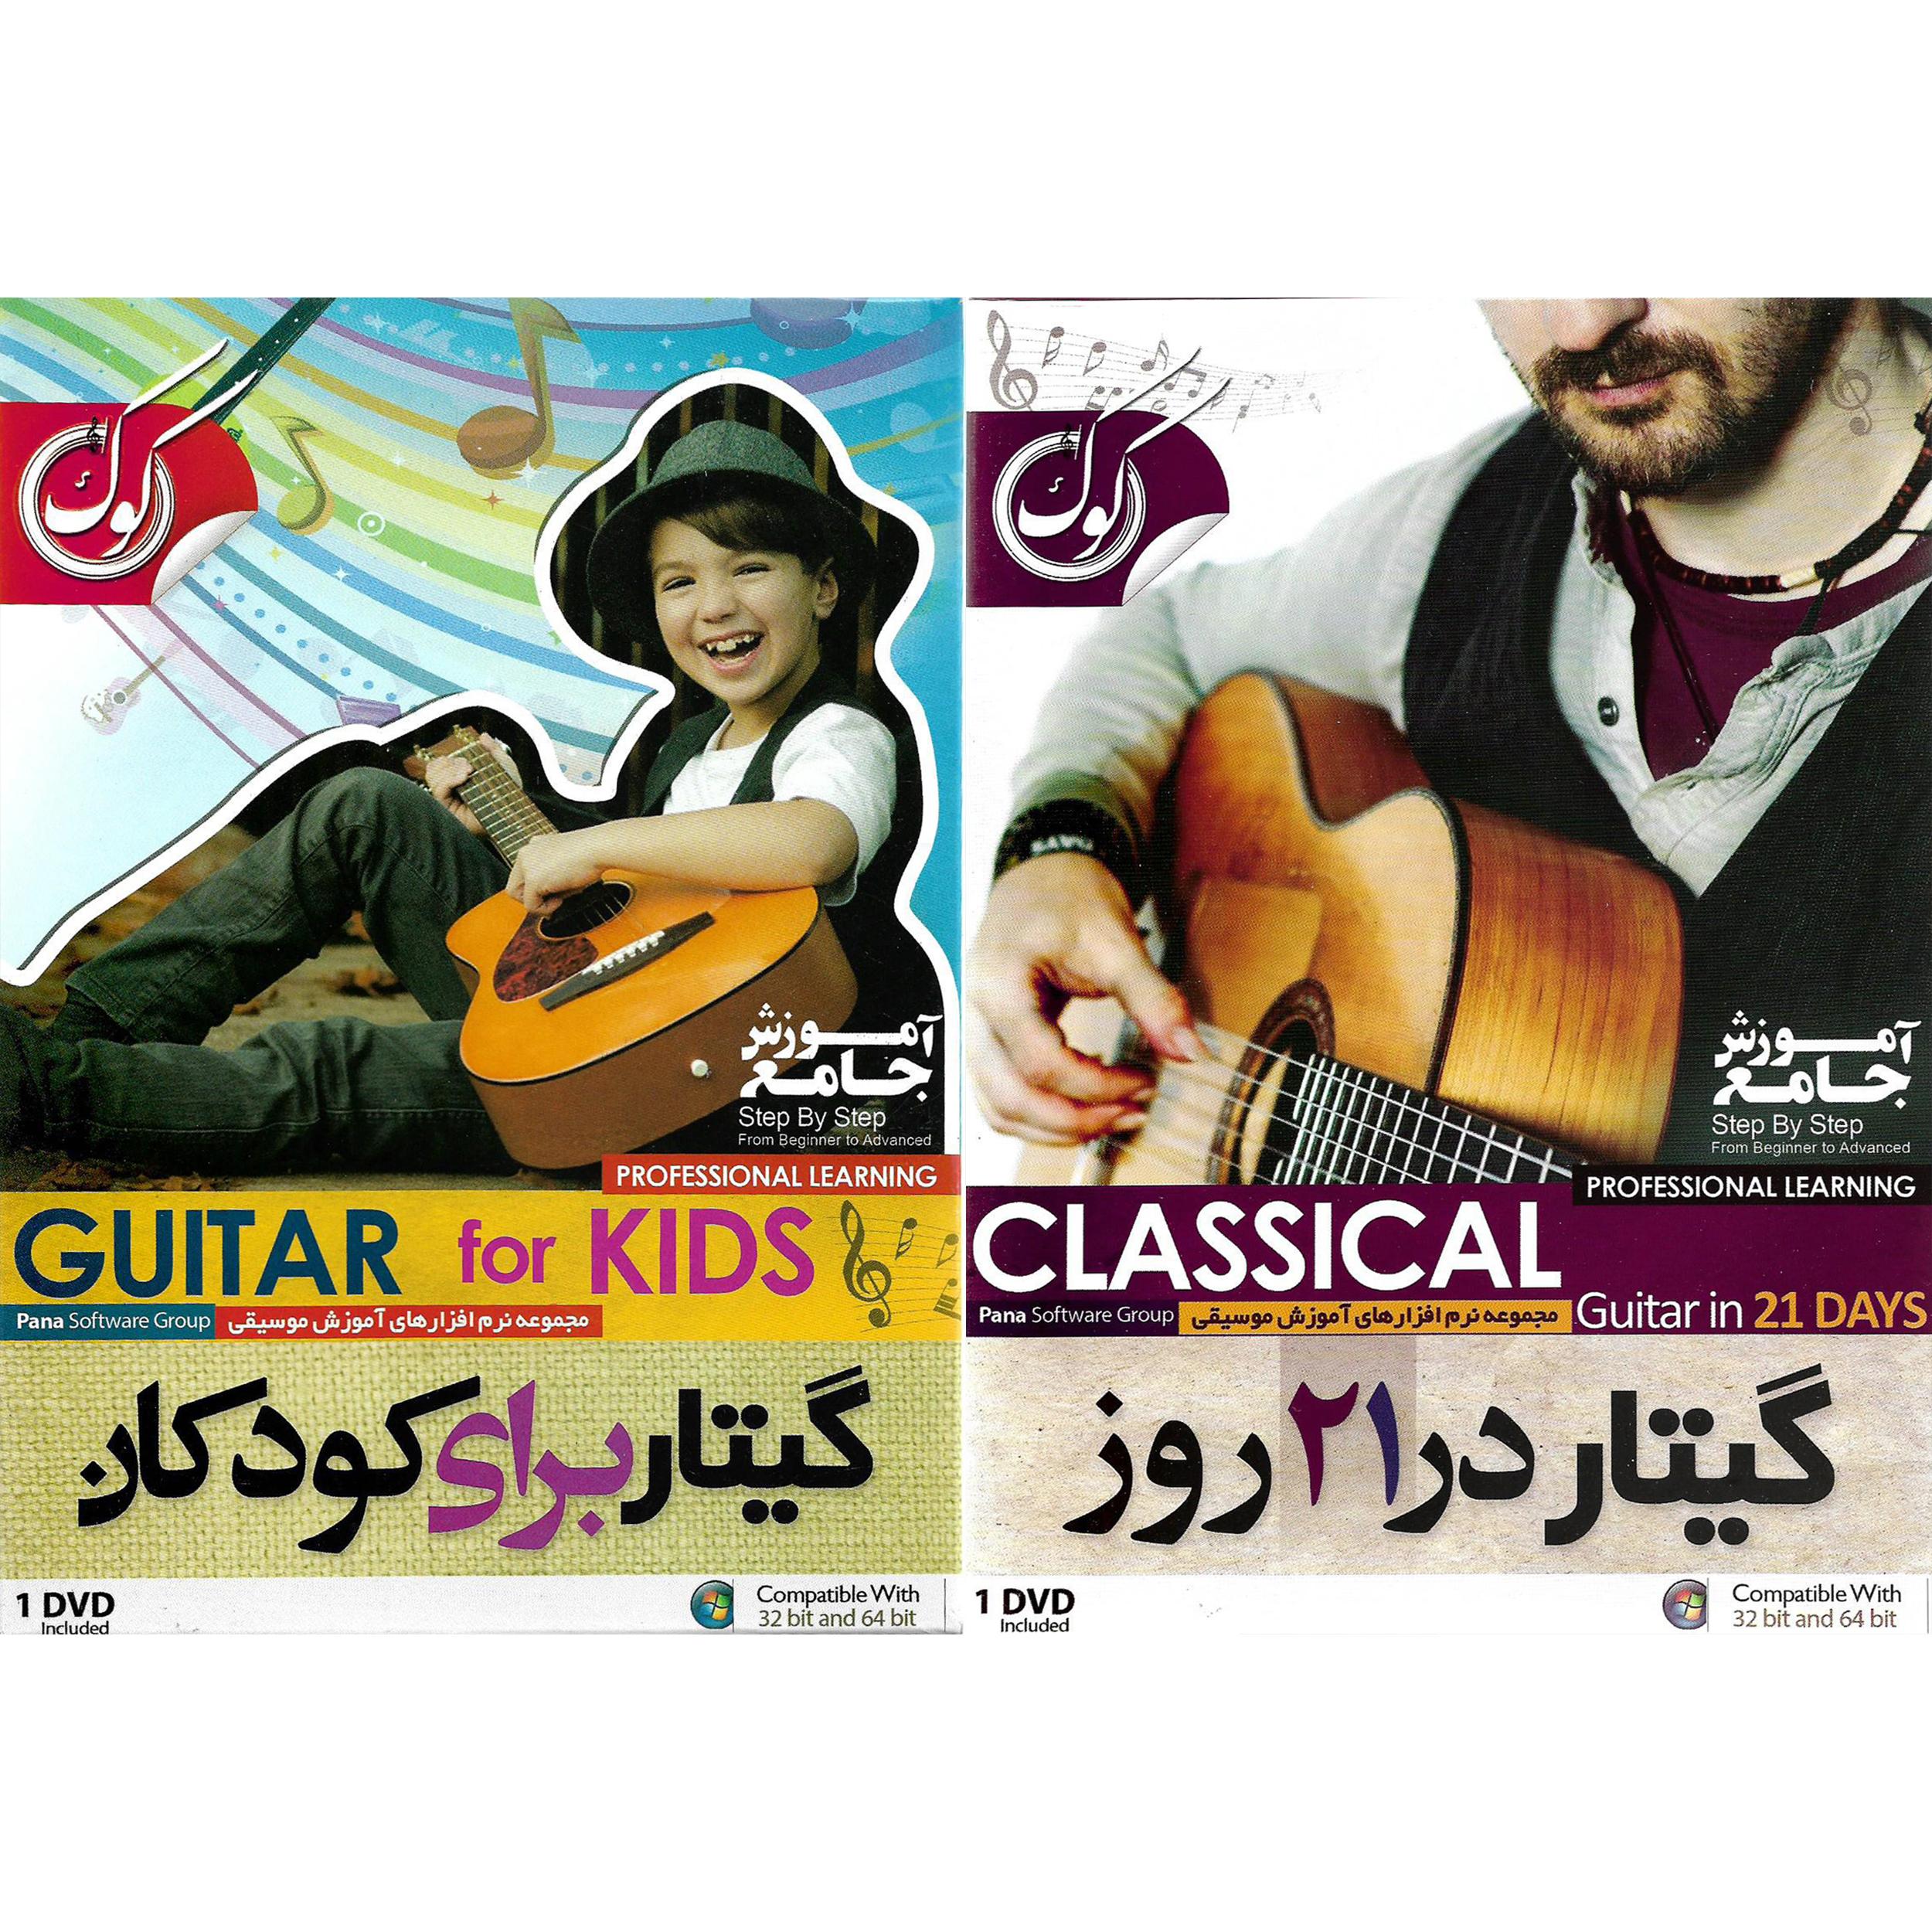 نرم افزار آموزش گیتار در 21 روز نشر الکترونیک پانا به همراه نرم افزار آموزش گیتار برای کودکان نشر پاناپرداز آریا